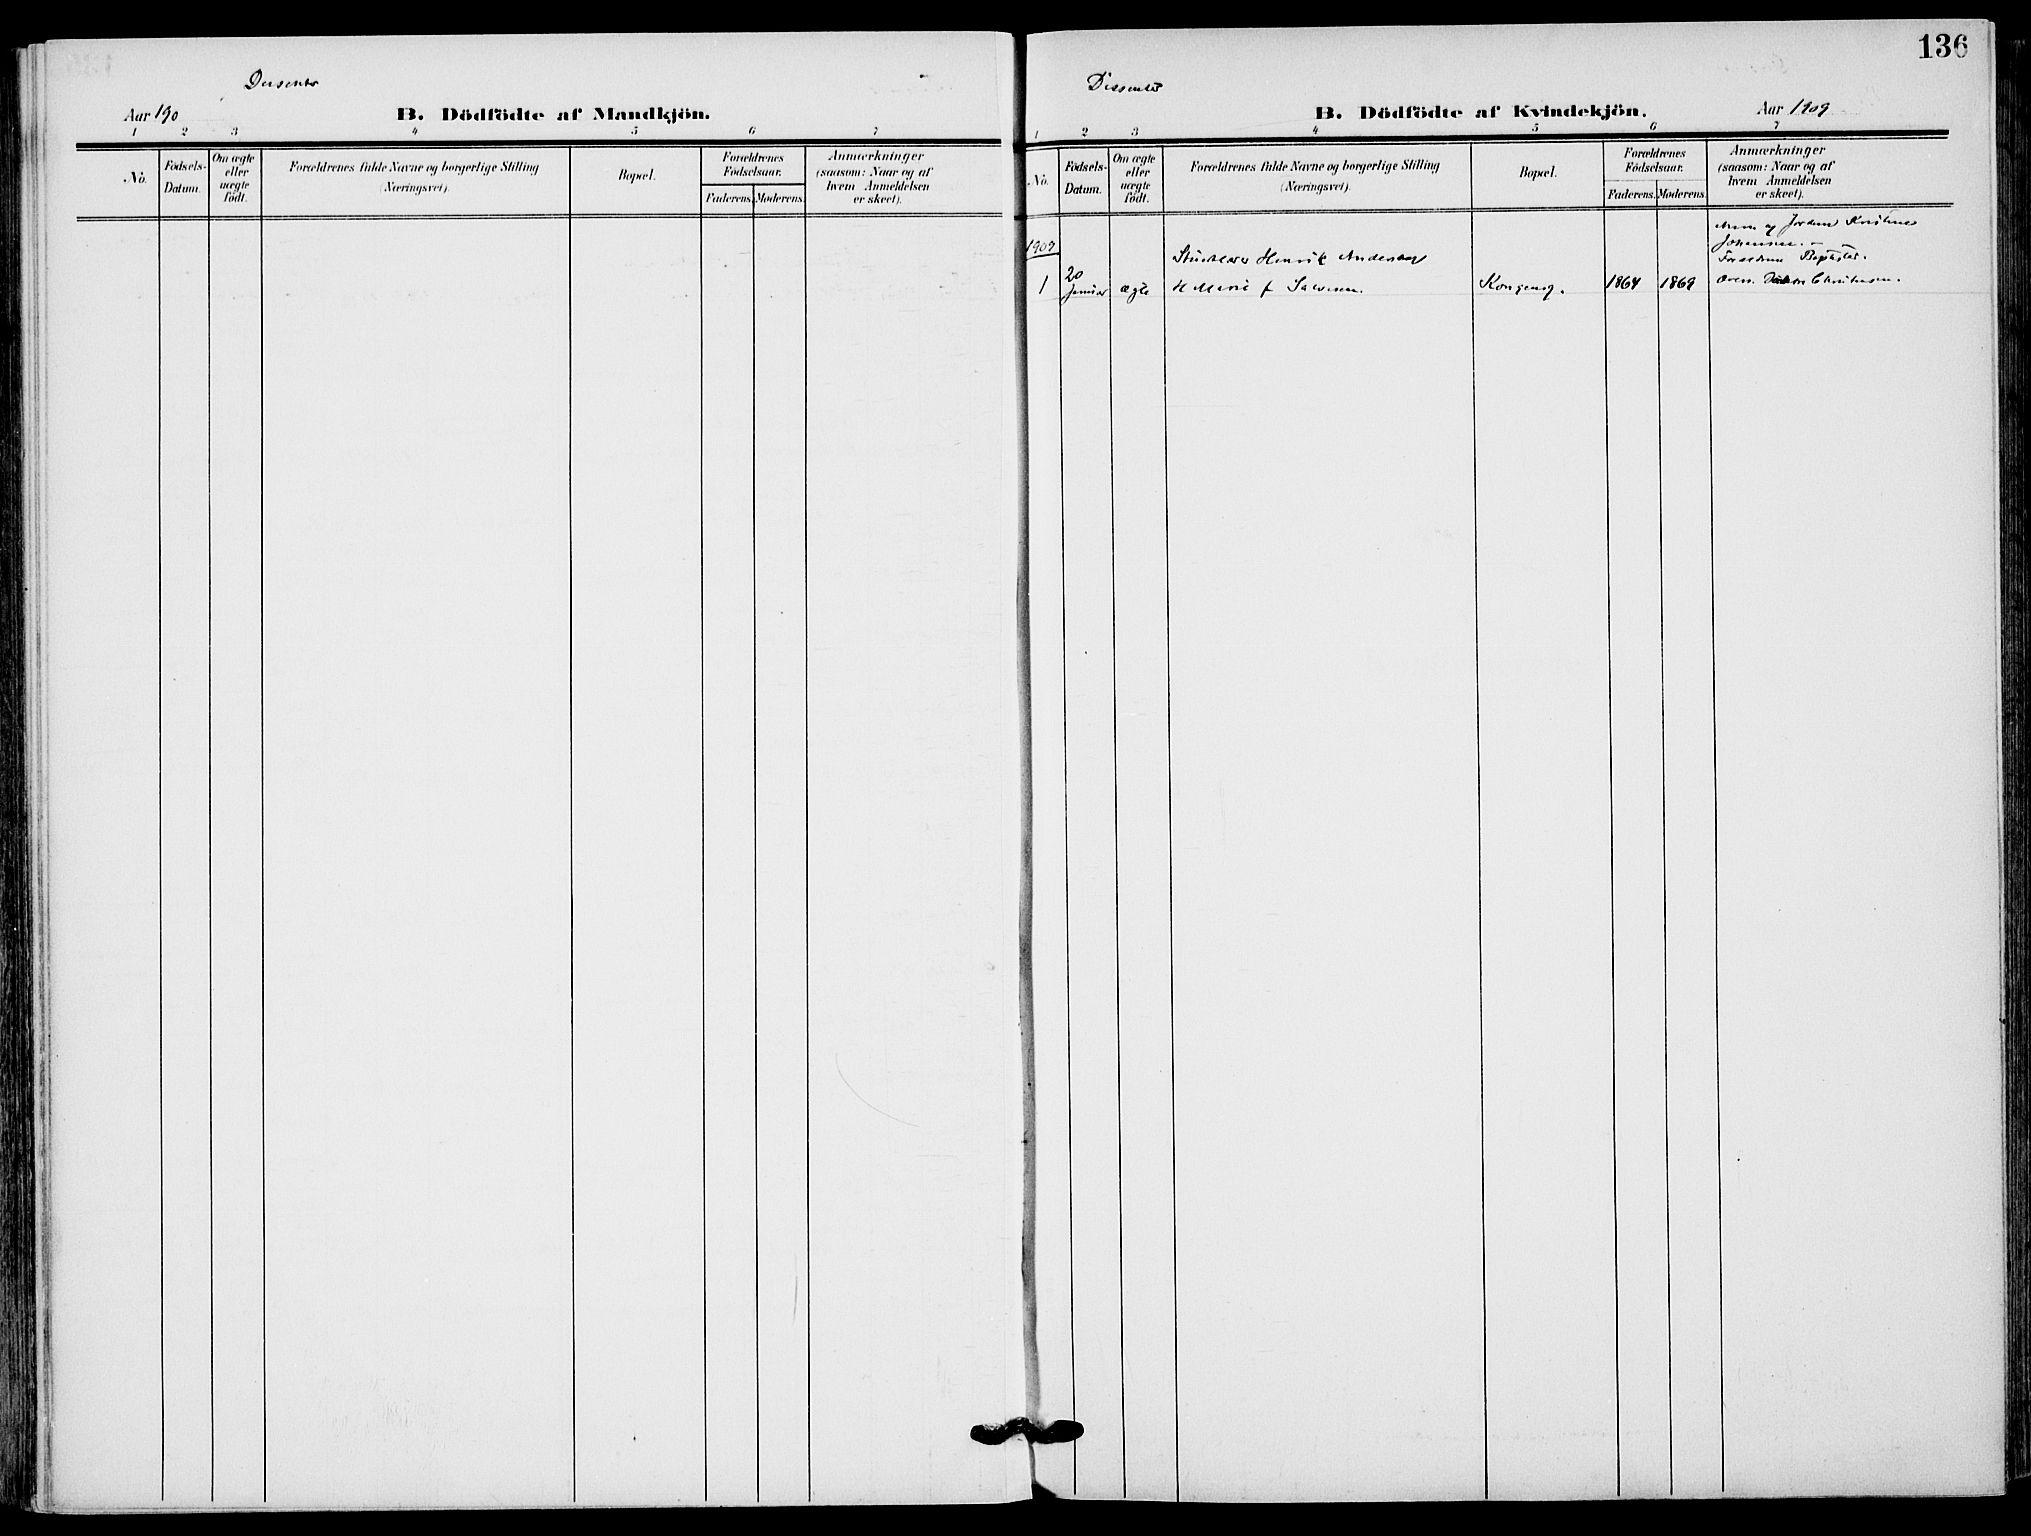 SAKO, Sandefjord kirkebøker, F/Fa/L0005: Ministerialbok nr. 5, 1906-1915, s. 136